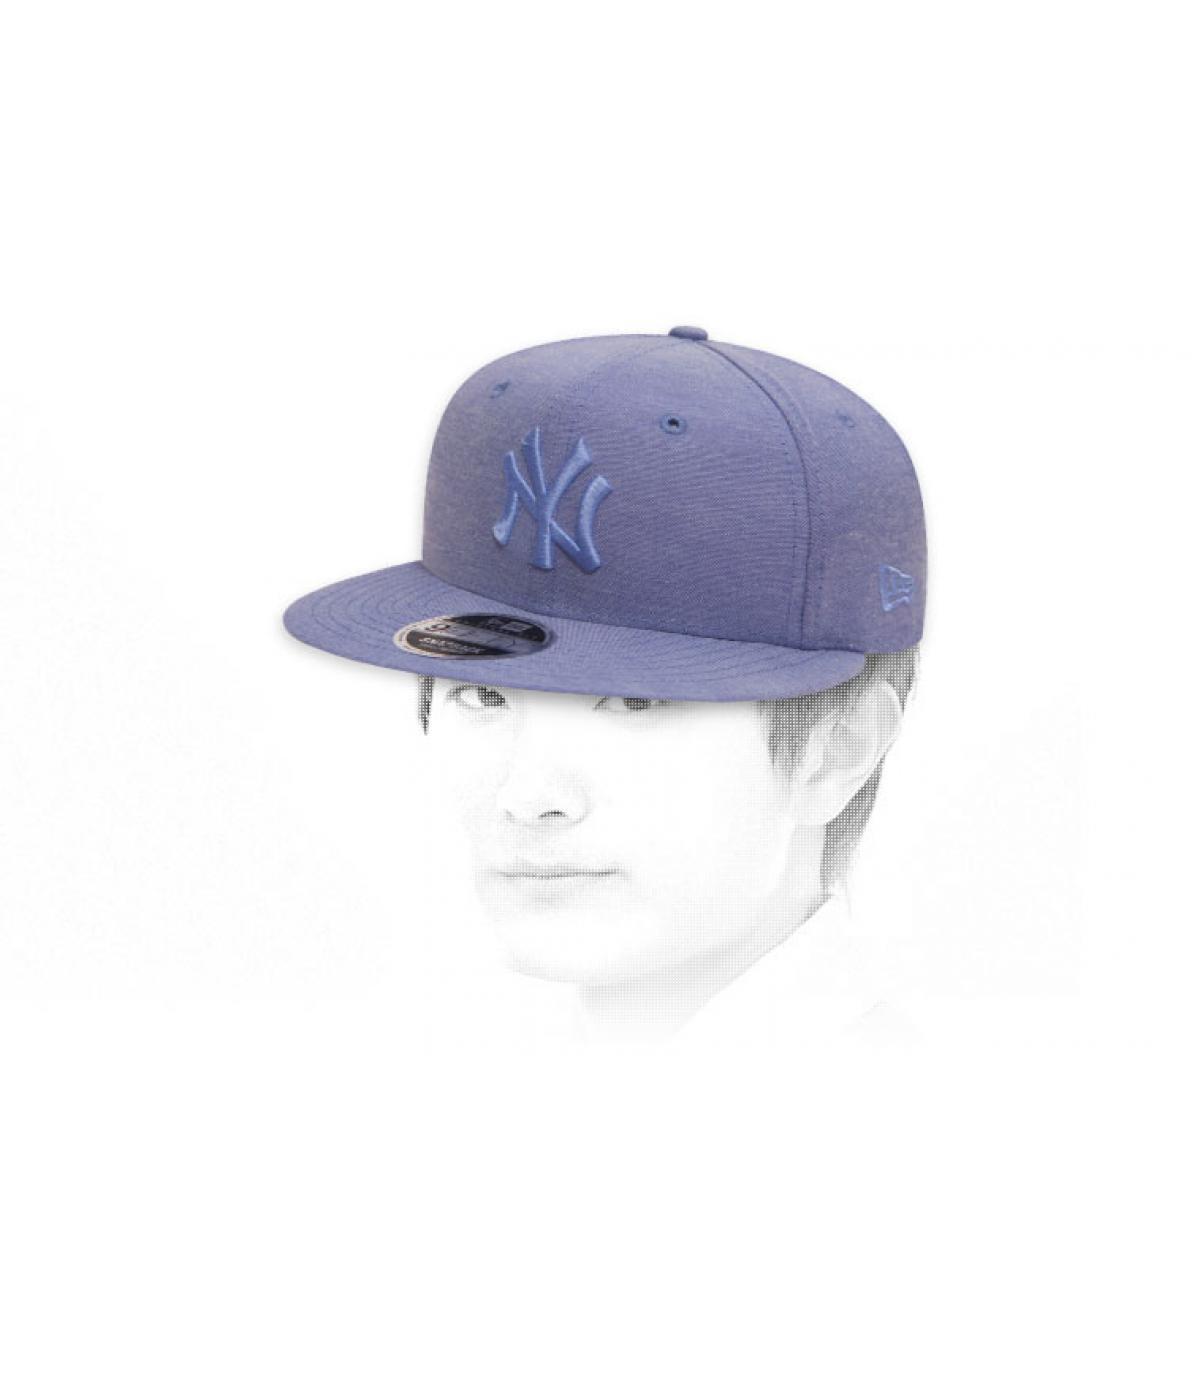 snapback NY azul claro